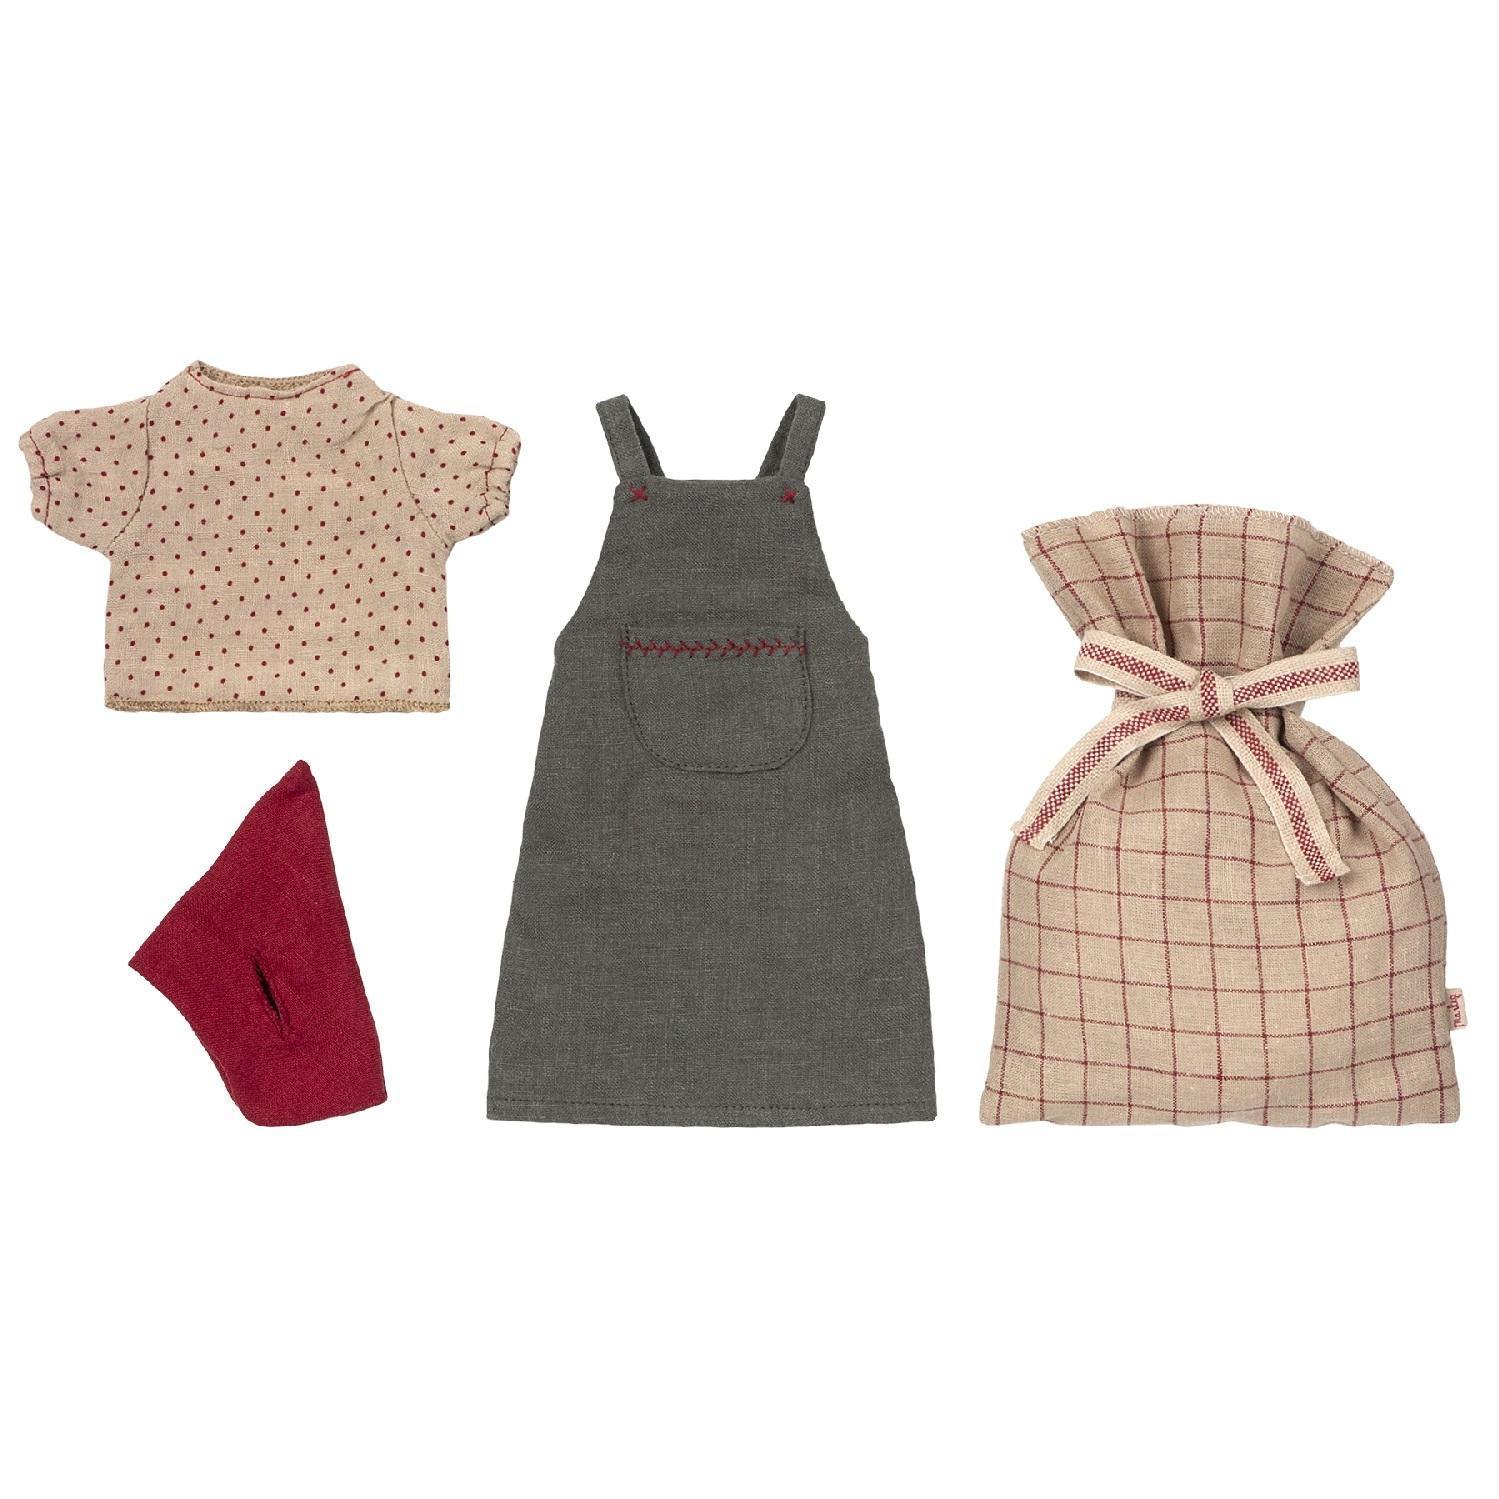 Maileg Vánoční oblečení na myšku - medium, červená barva, béžová barva, šedá barva, textil